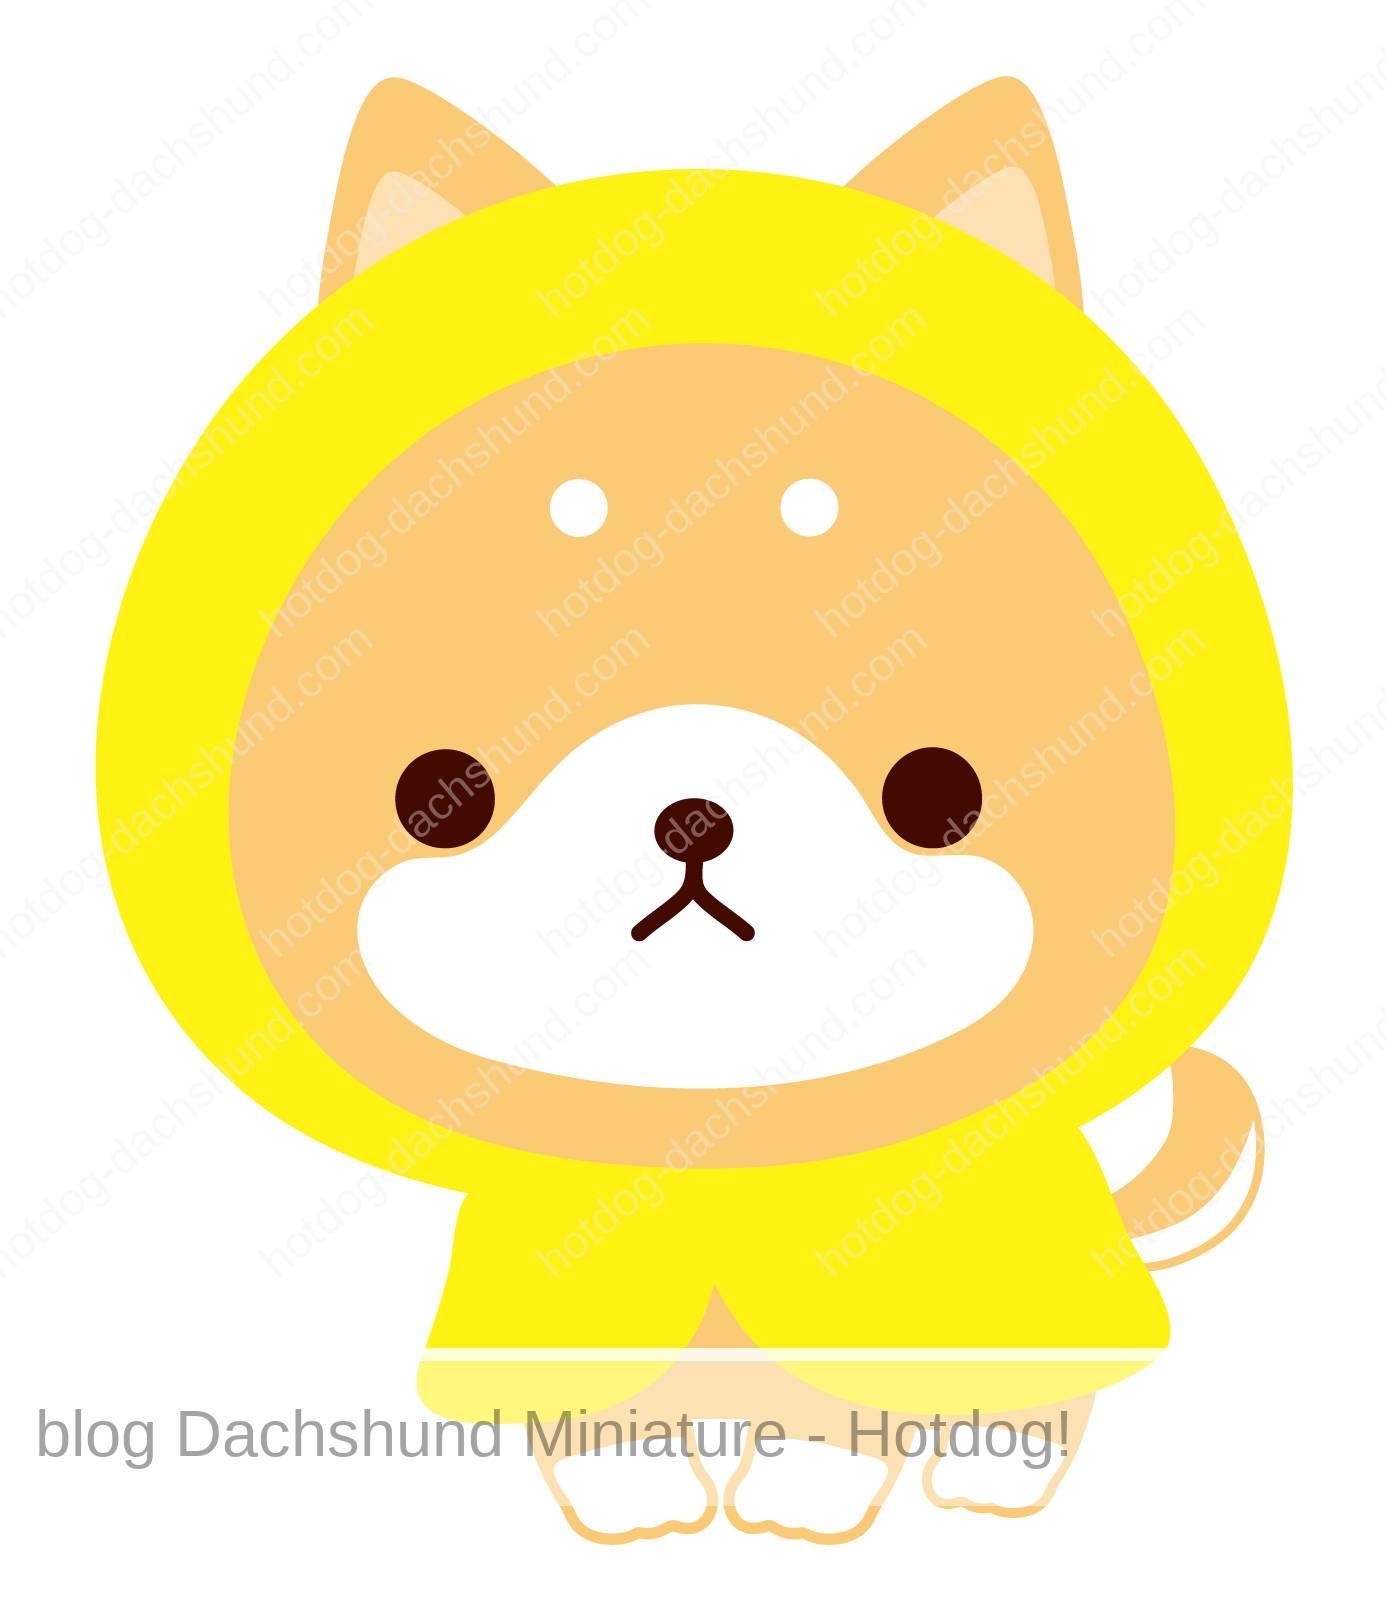 流星の如くブックマーク 犬のイラスト 手書きで簡単なゆるい犬の描き方は